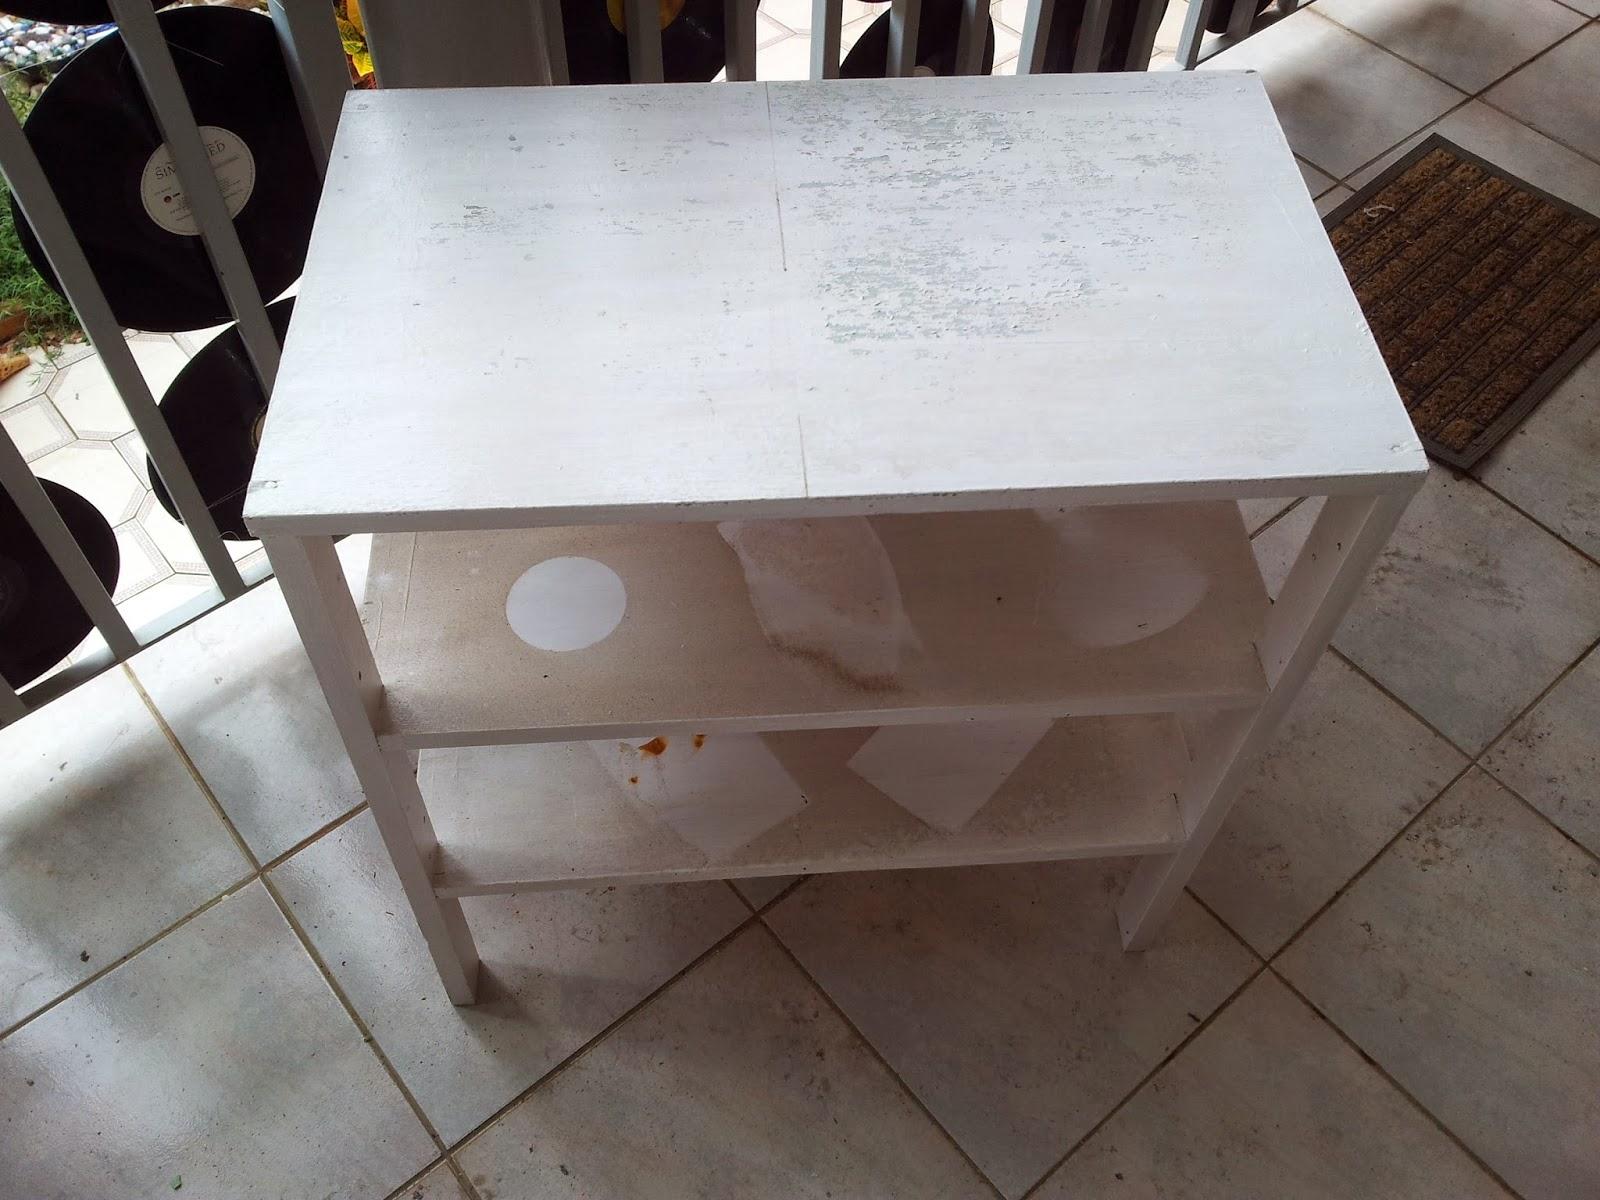 Oficina do Quintal: Como fazer banco de madeira com encosto #485D33 1600x1200